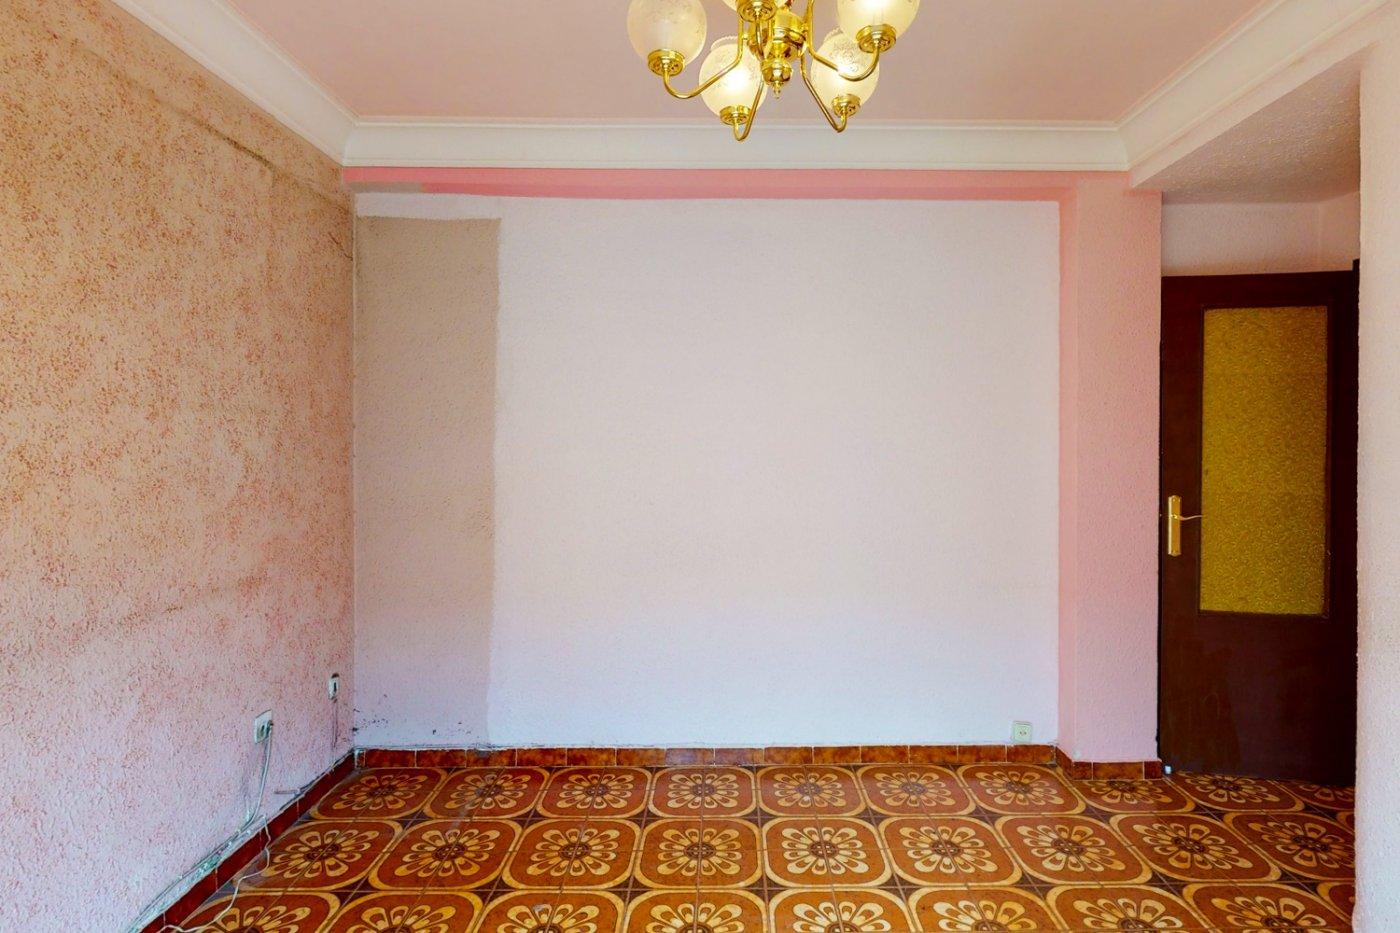 Piso a la venta en c/ lugo, exterior, de tres dormitorios, salon, cocina y baÑo. - imagenInmueble17